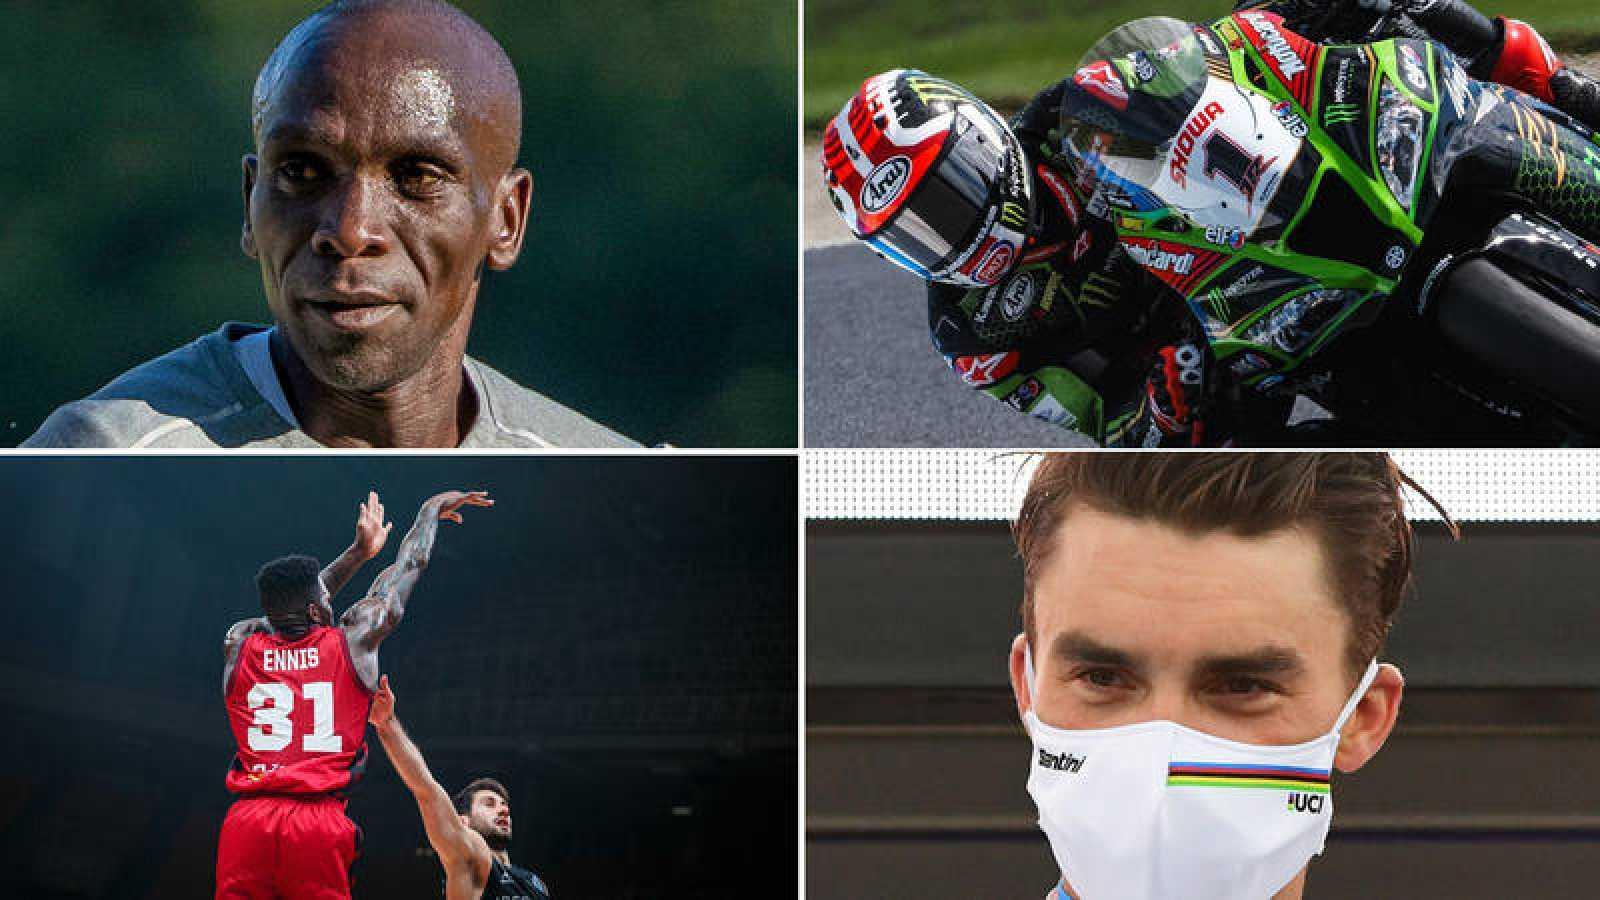 Este domingo podrás disfrutar de una gran jornada deportiva en Teledeporte y +tdp.